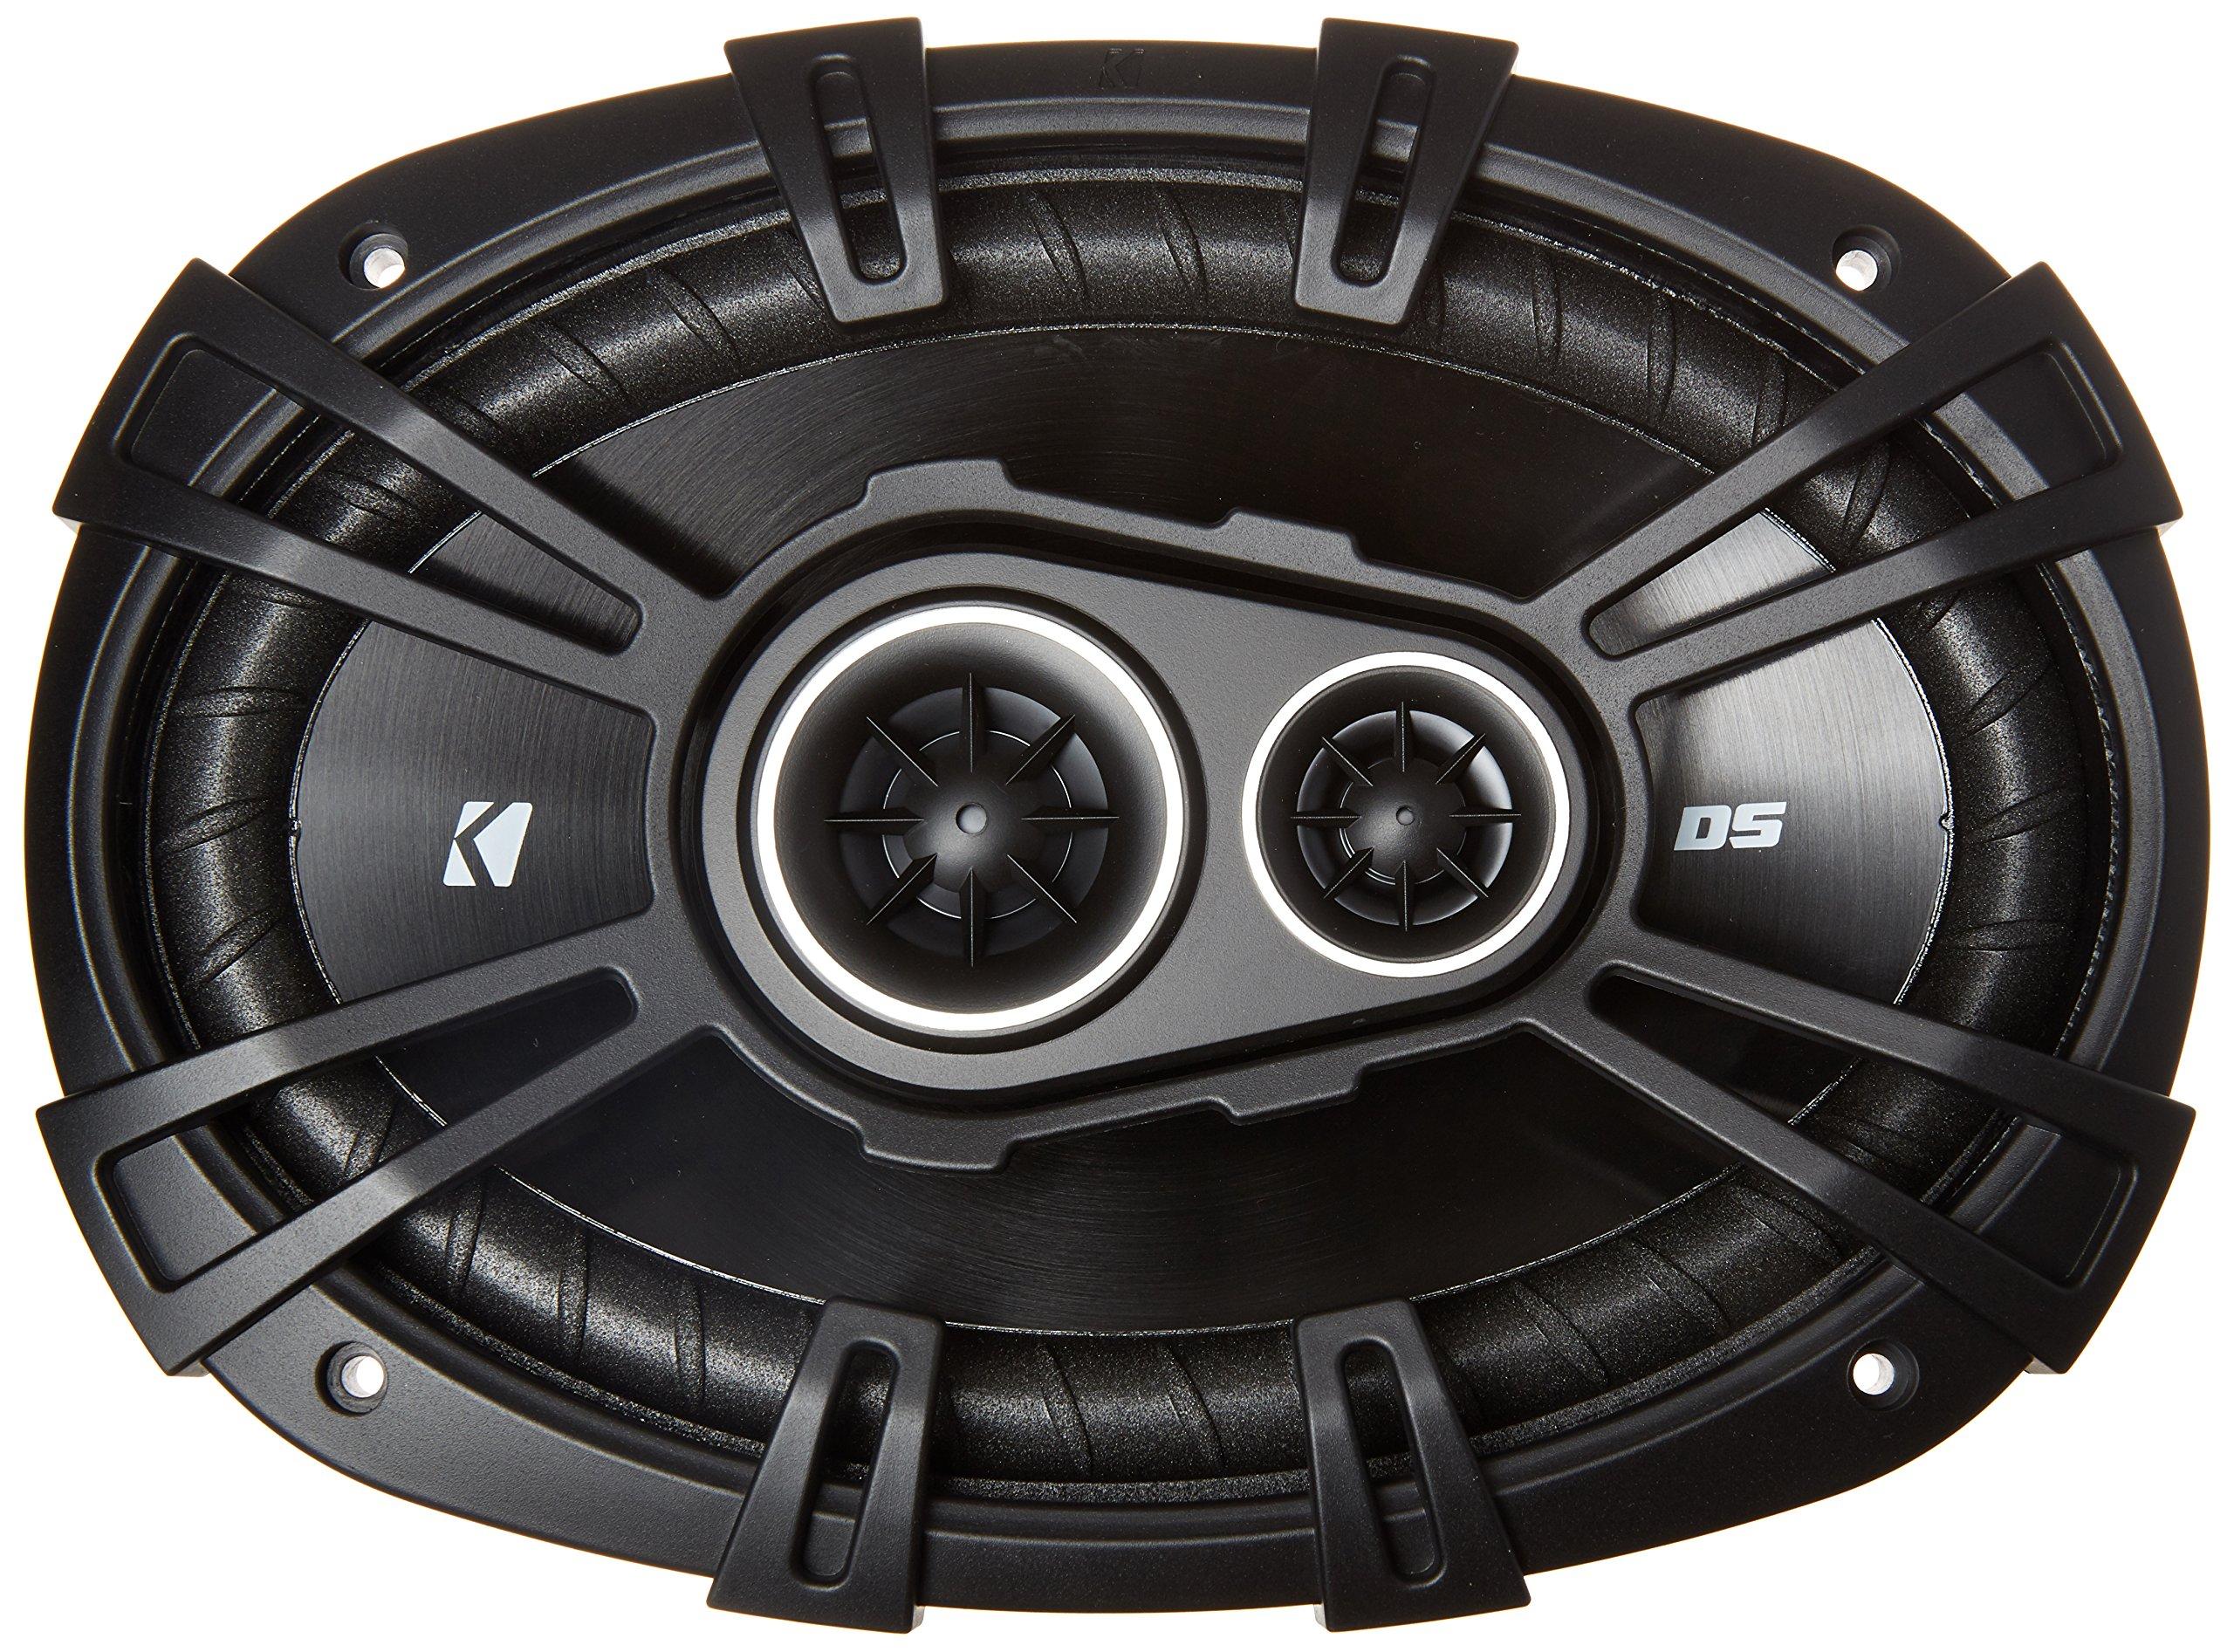 Kicker 43DSC69304 3 Way Coaxial Speakers